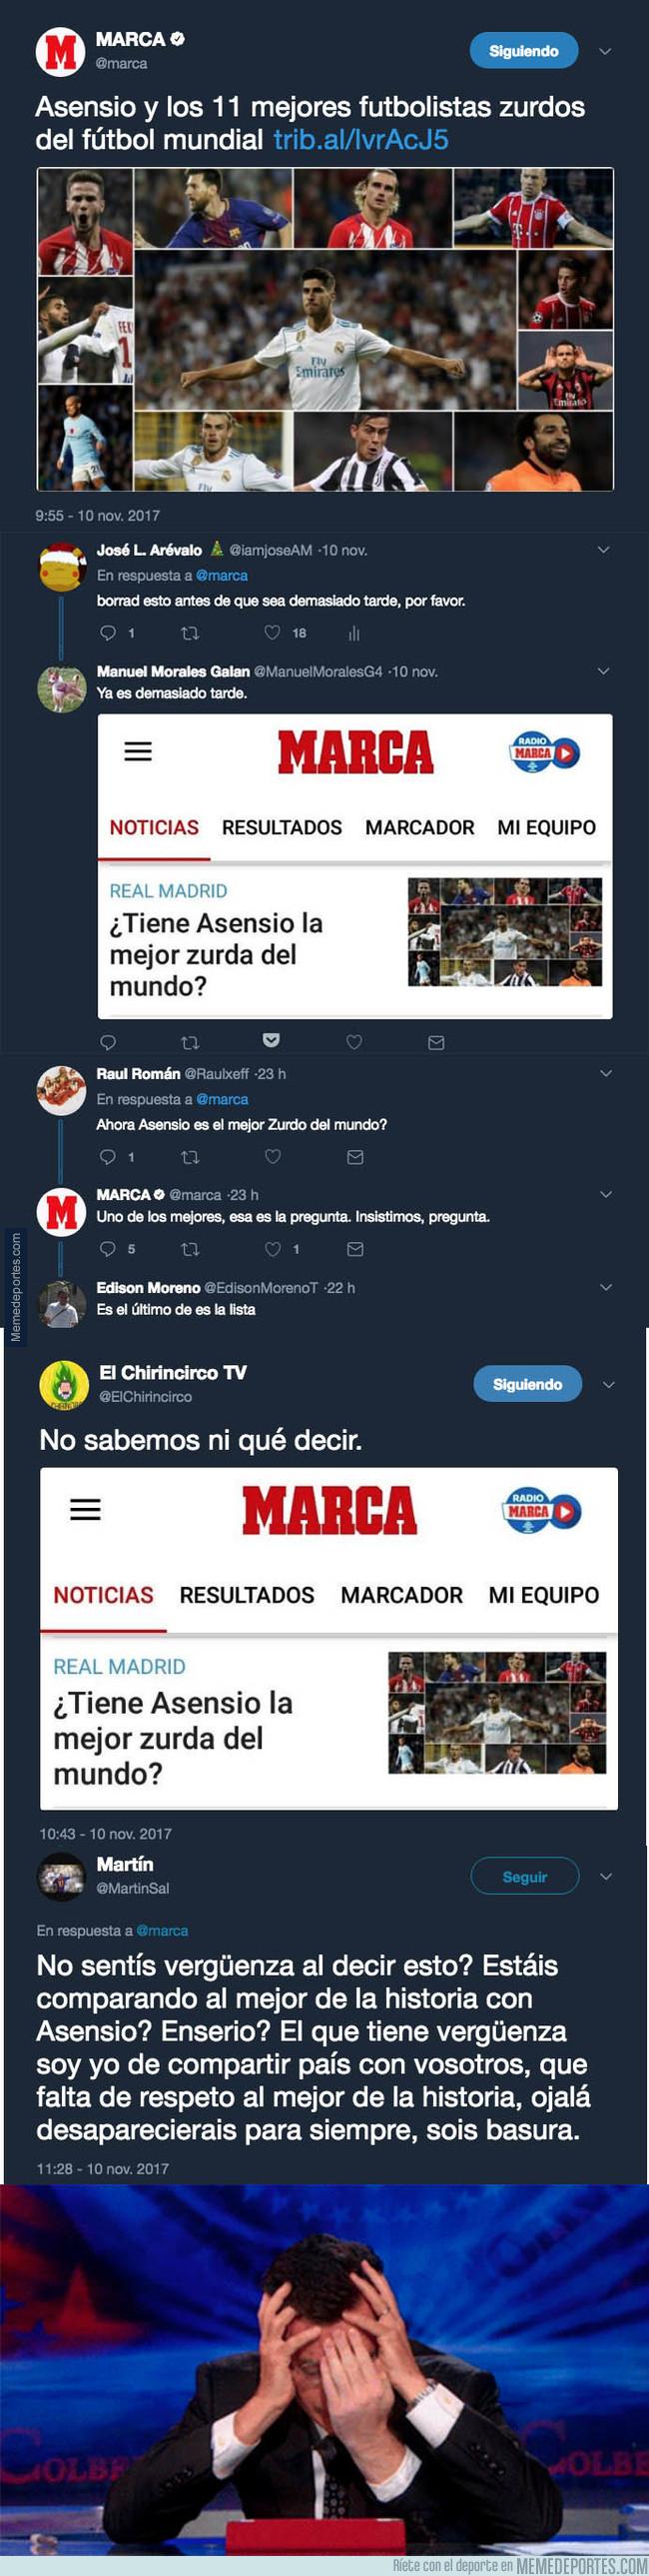 1007282 - MARCA pregunta si Asensio tiene la mejor zurda y Twitter no tiene piedad respondiéndo